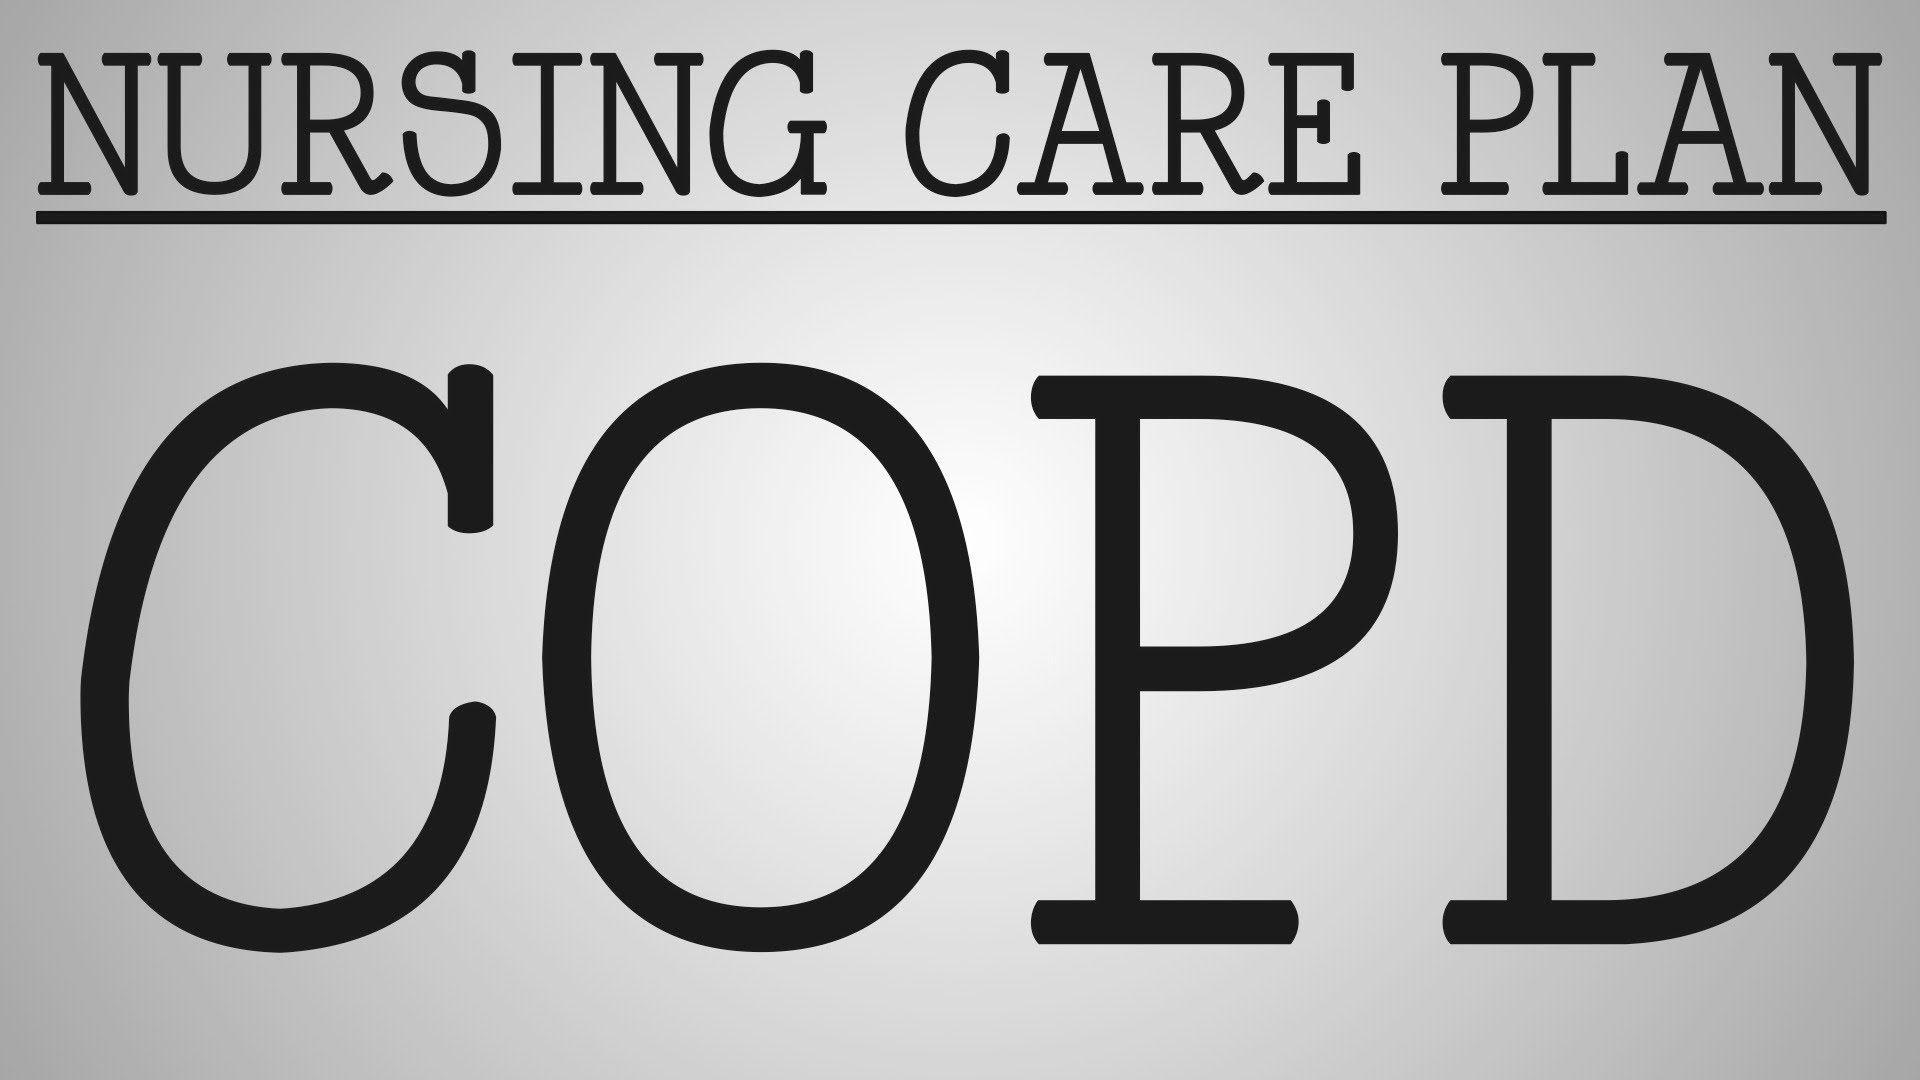 Nursing Care Plan   COPD   Nursing: Care Plans & Concept ...